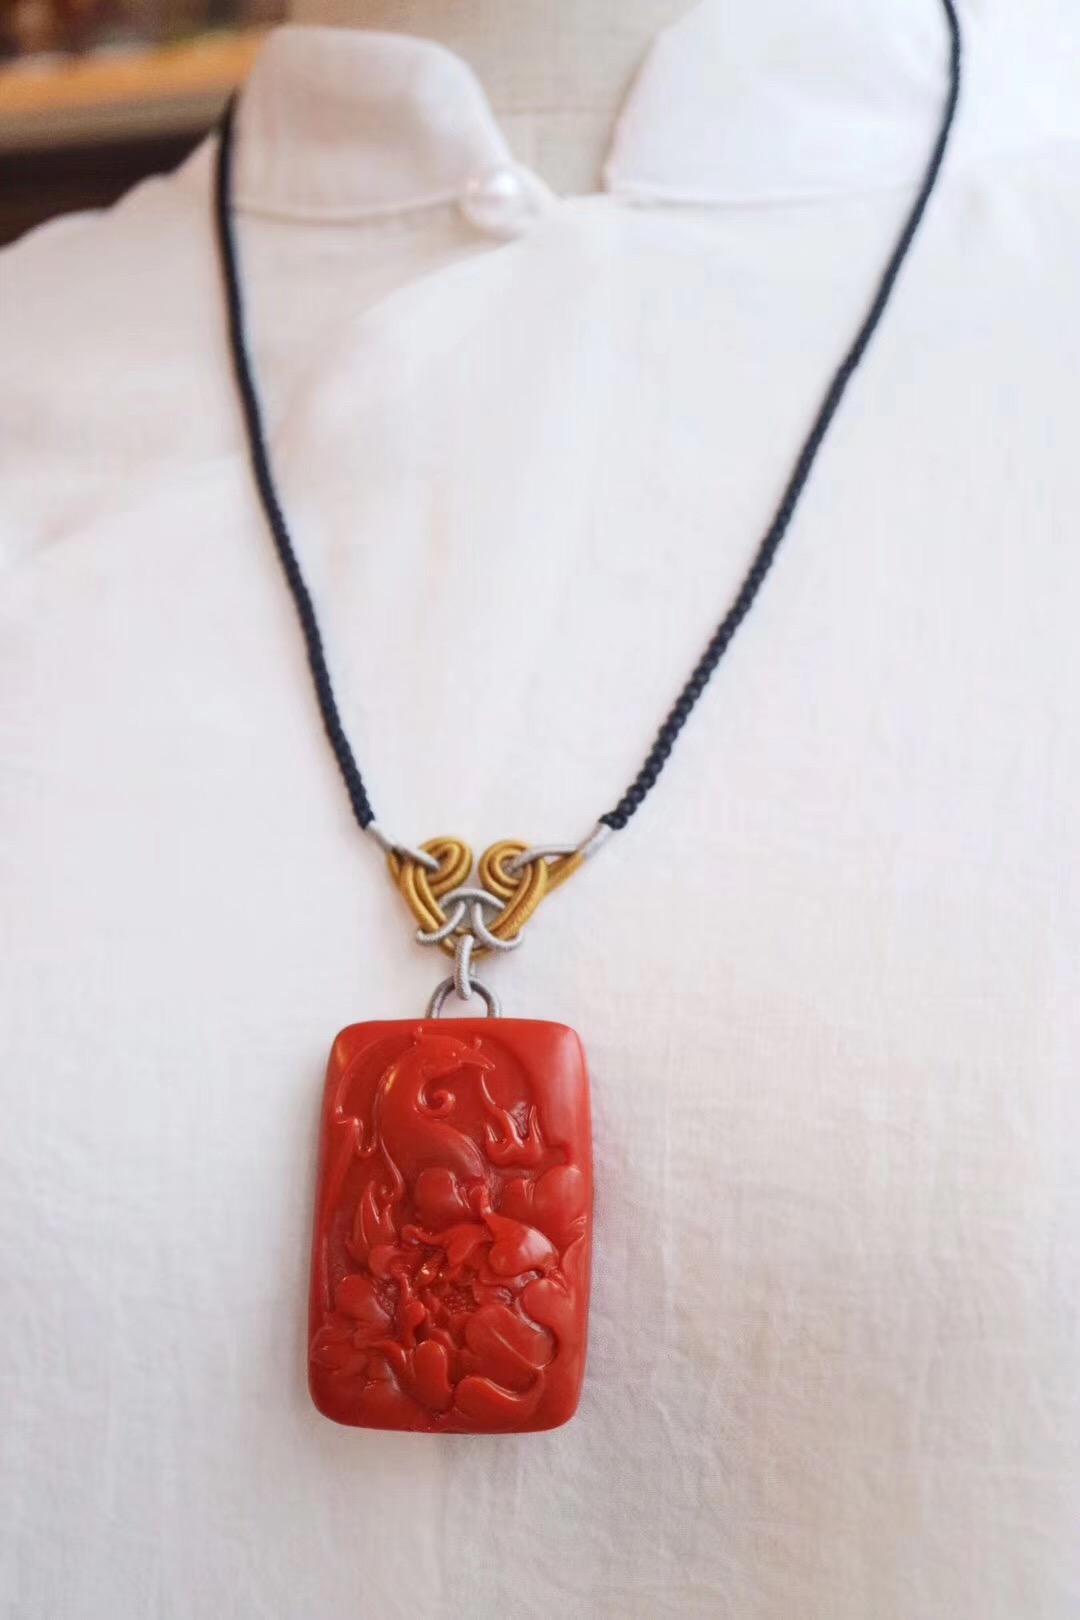 """【菩心-南红玛瑙】牡丹搭配白头翁鸟,寓意""""富贵白头"""",更是长寿的象征-菩心晶舍"""